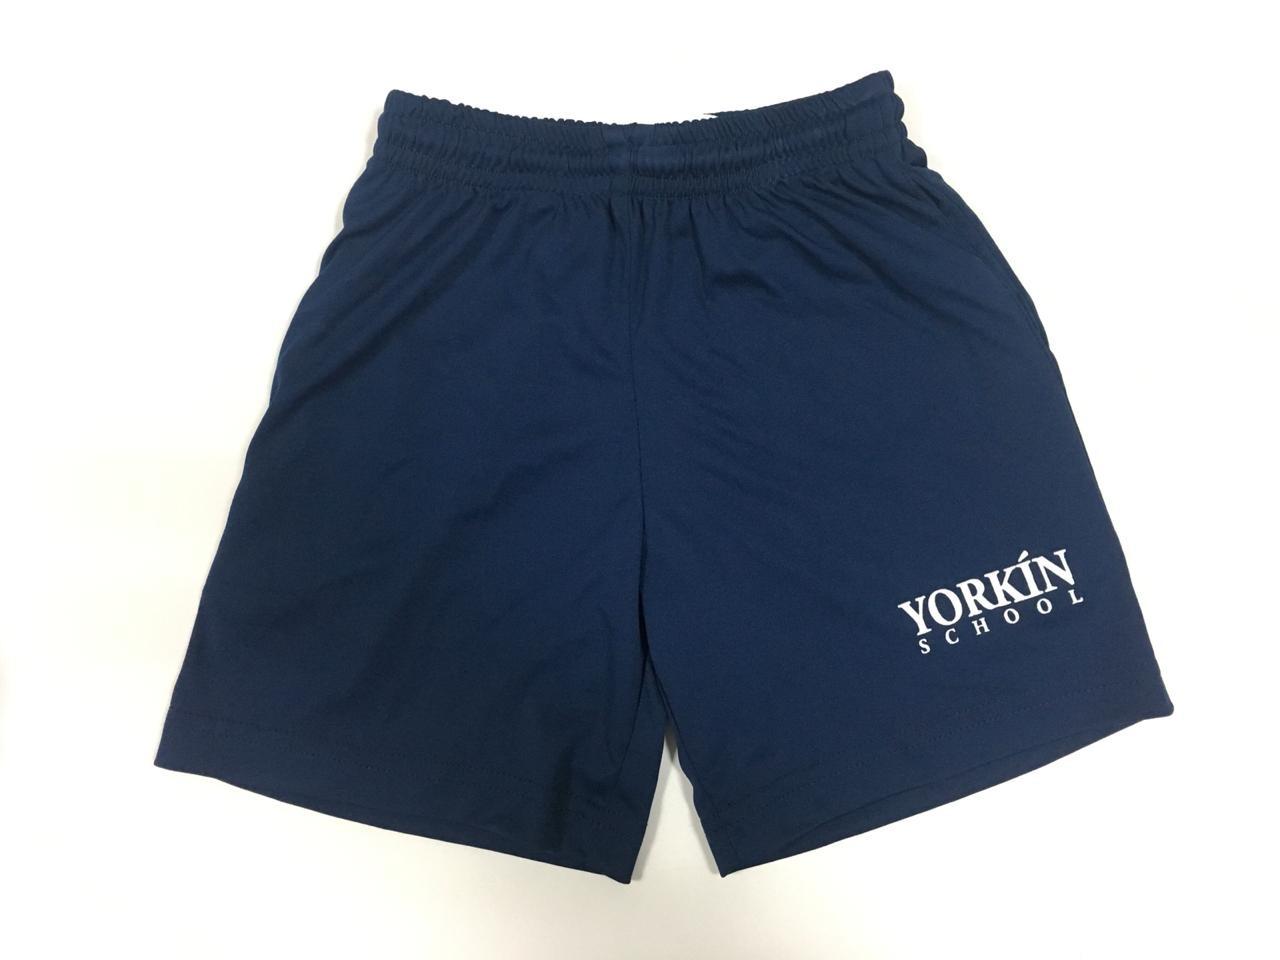 Yorkín - Short Montesimone Azul